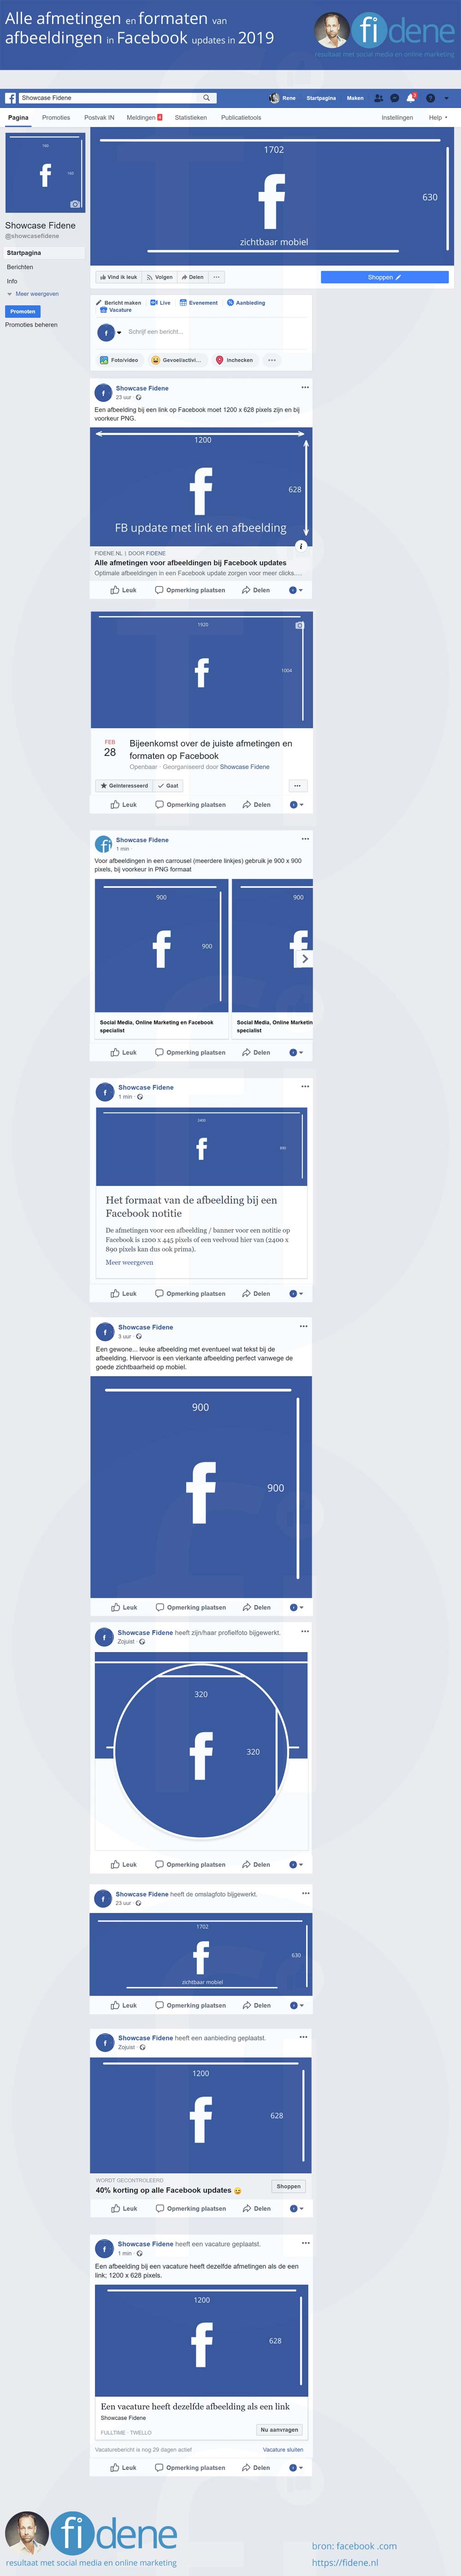 Infographic afmetingen formaten facebook afbeeldingen updates 2019